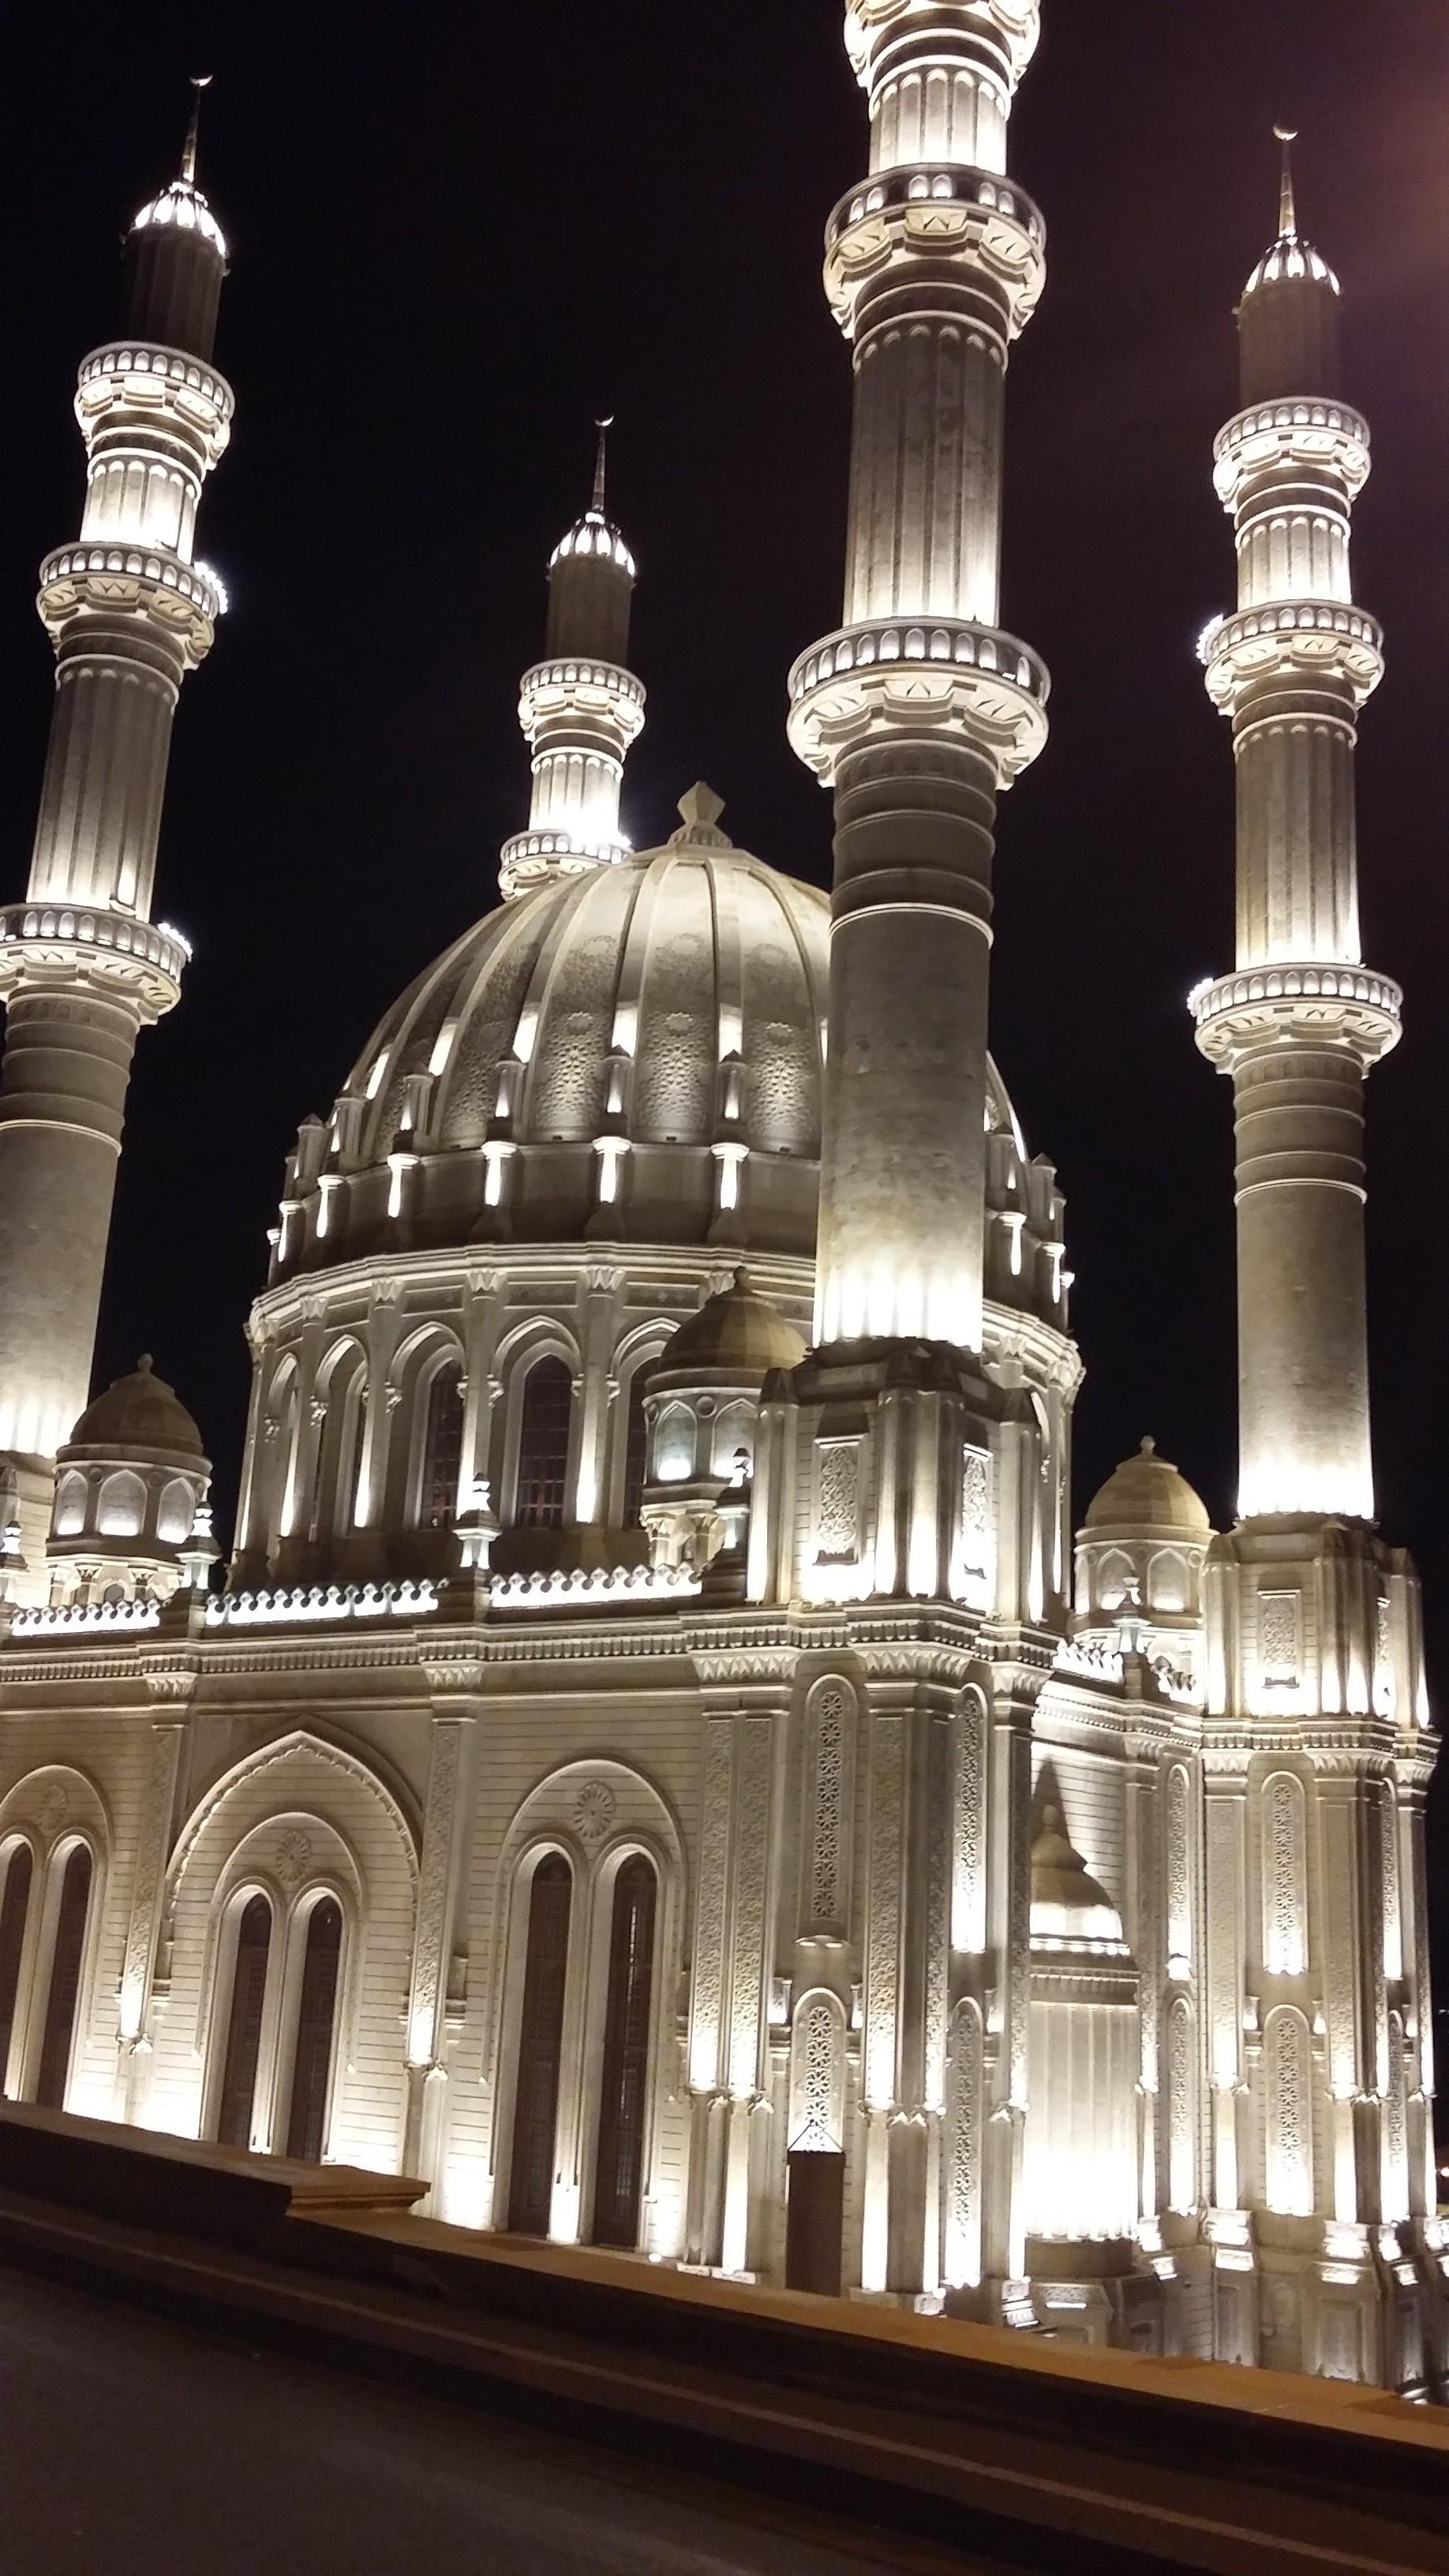 Heydar Mosque #4